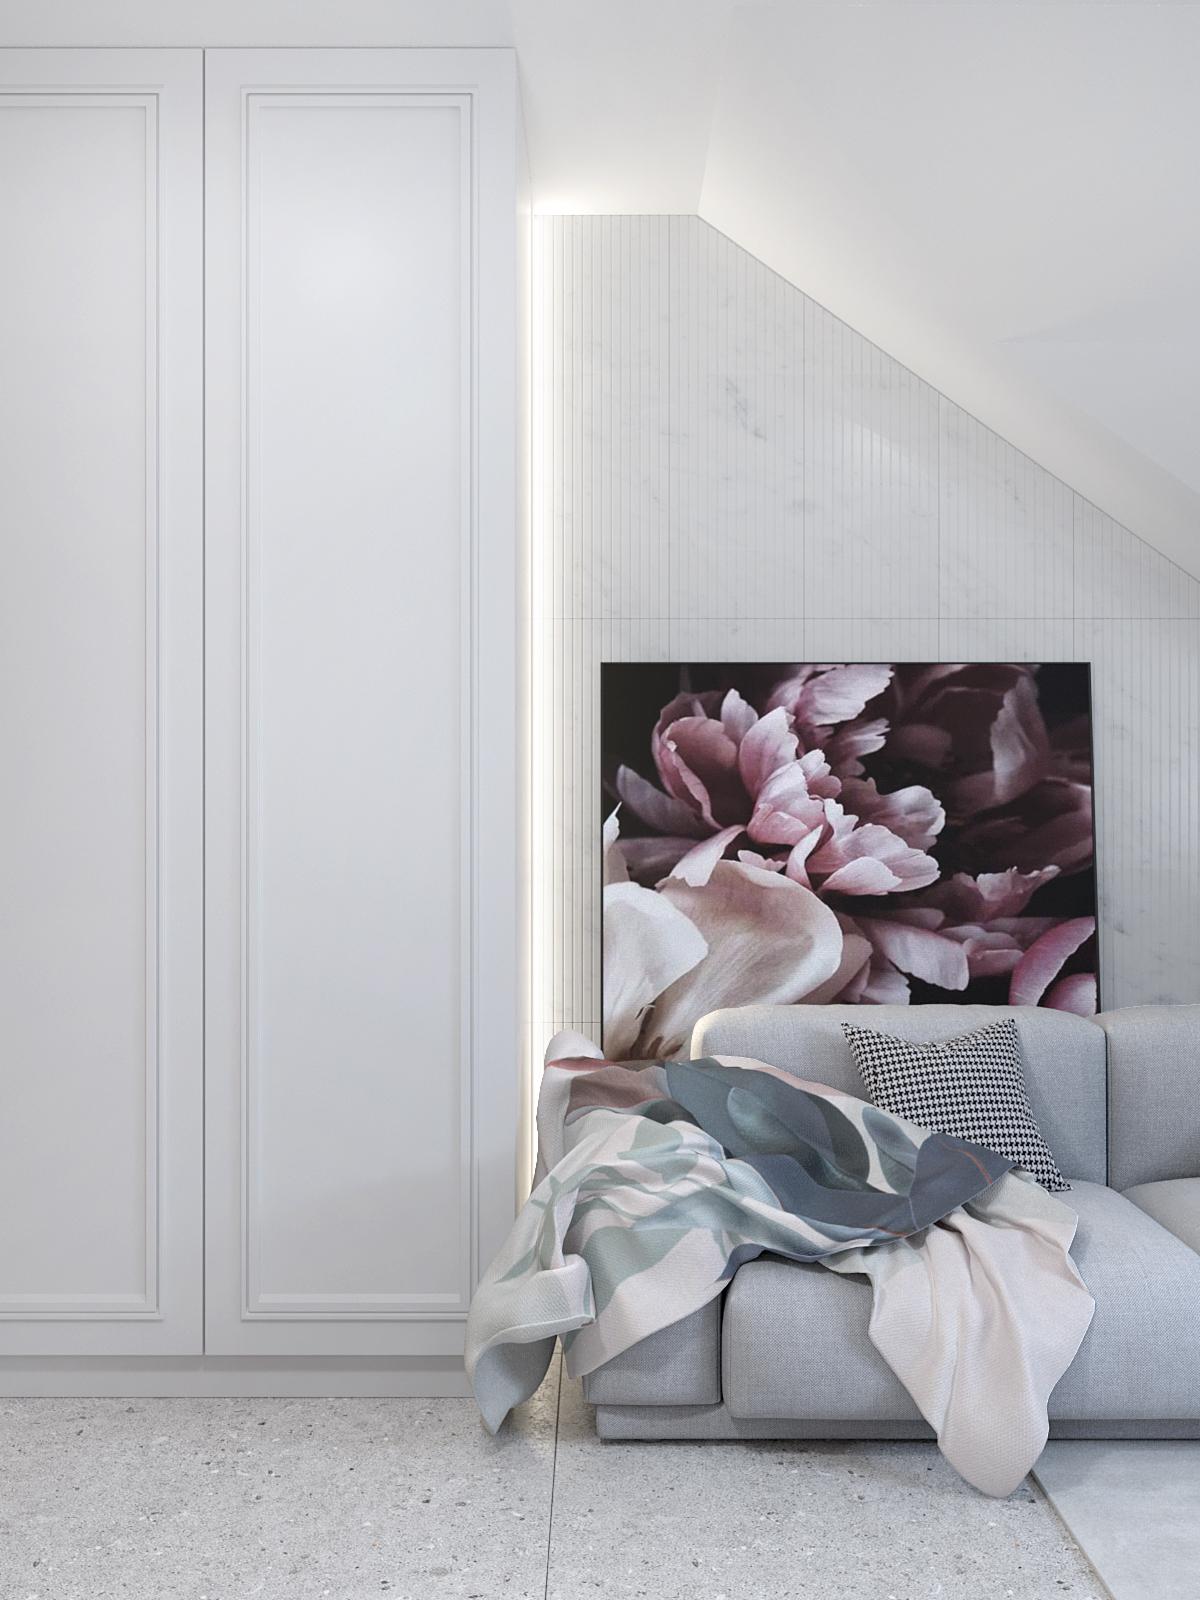 5 projektant wnetrz D423 poddasze Myslowice pokoj na poddaszu szara sofa biala szafa frezowana